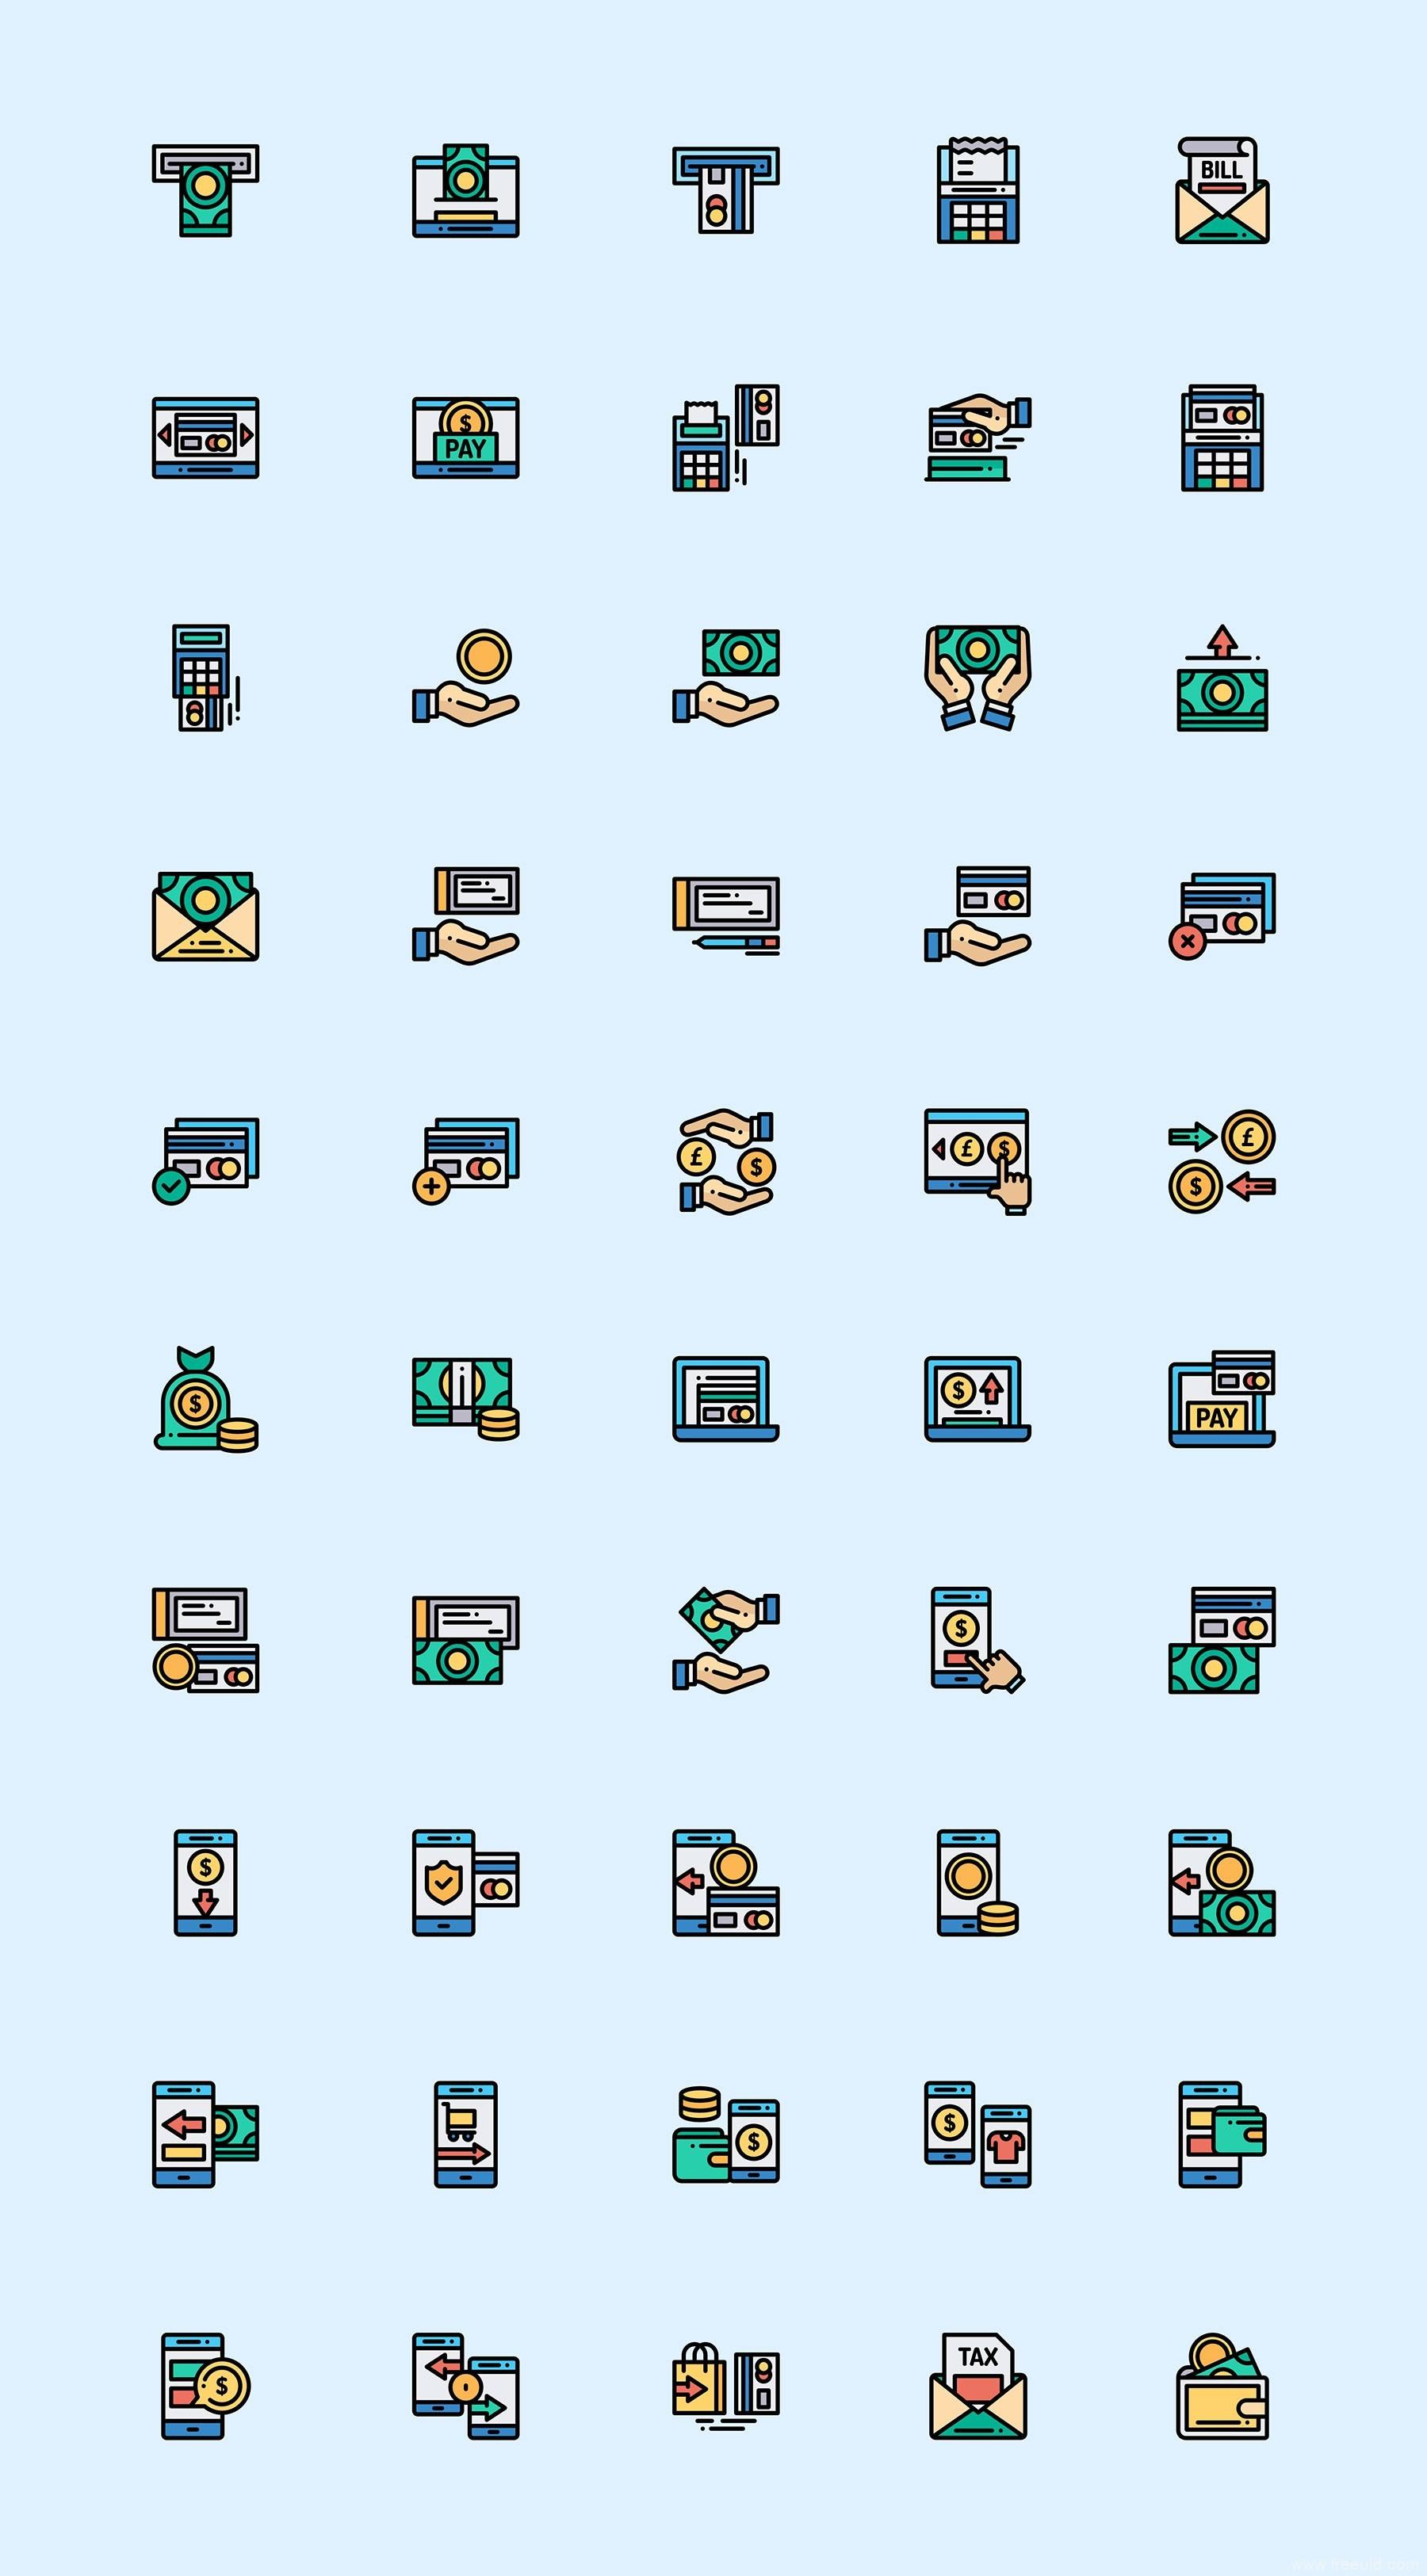 50 枚支付方式元素图标,彩色图标、源文件下载